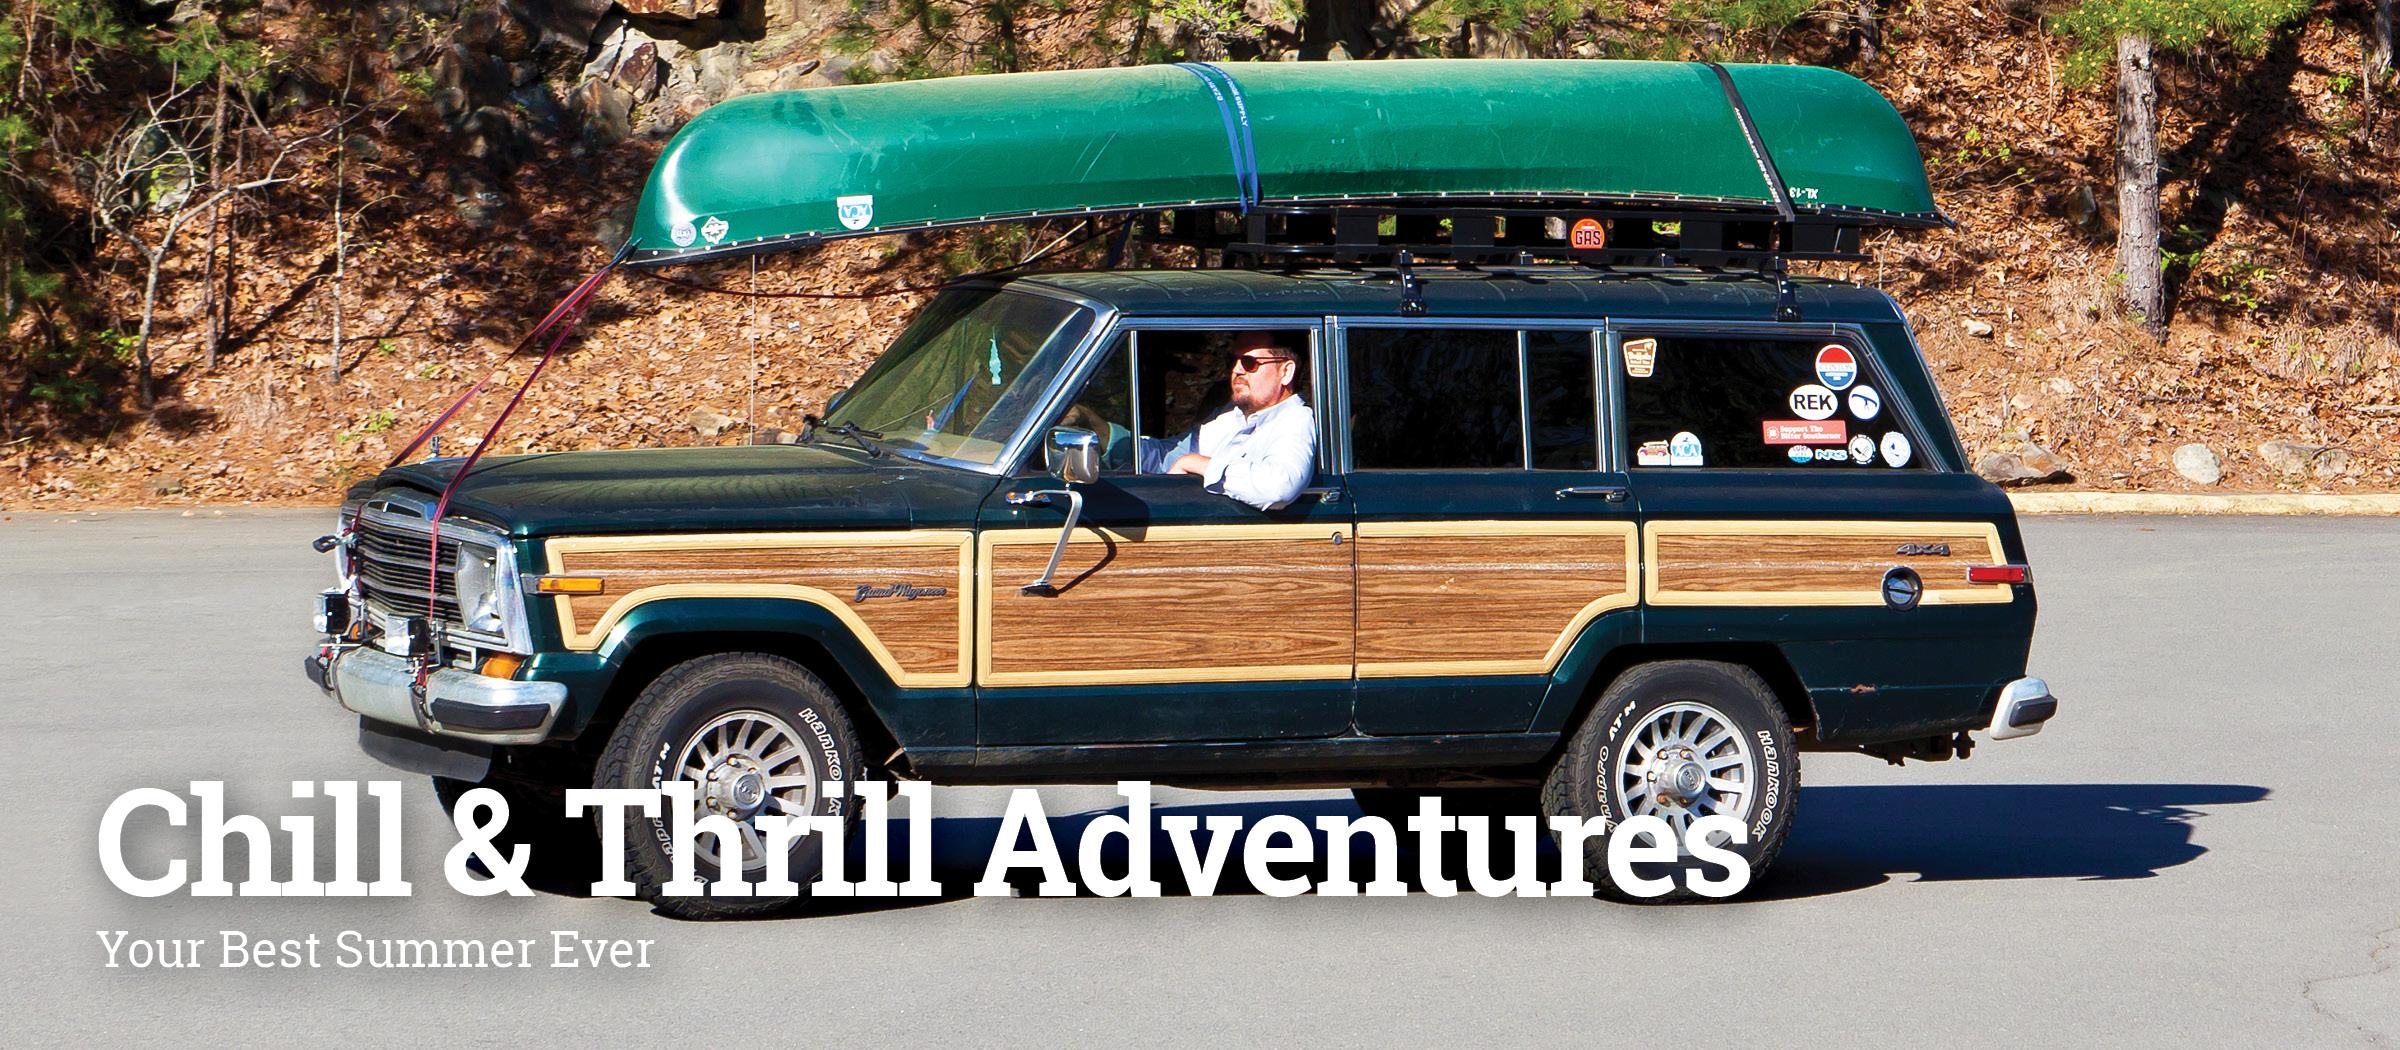 chill & thrill adventures2.jpg